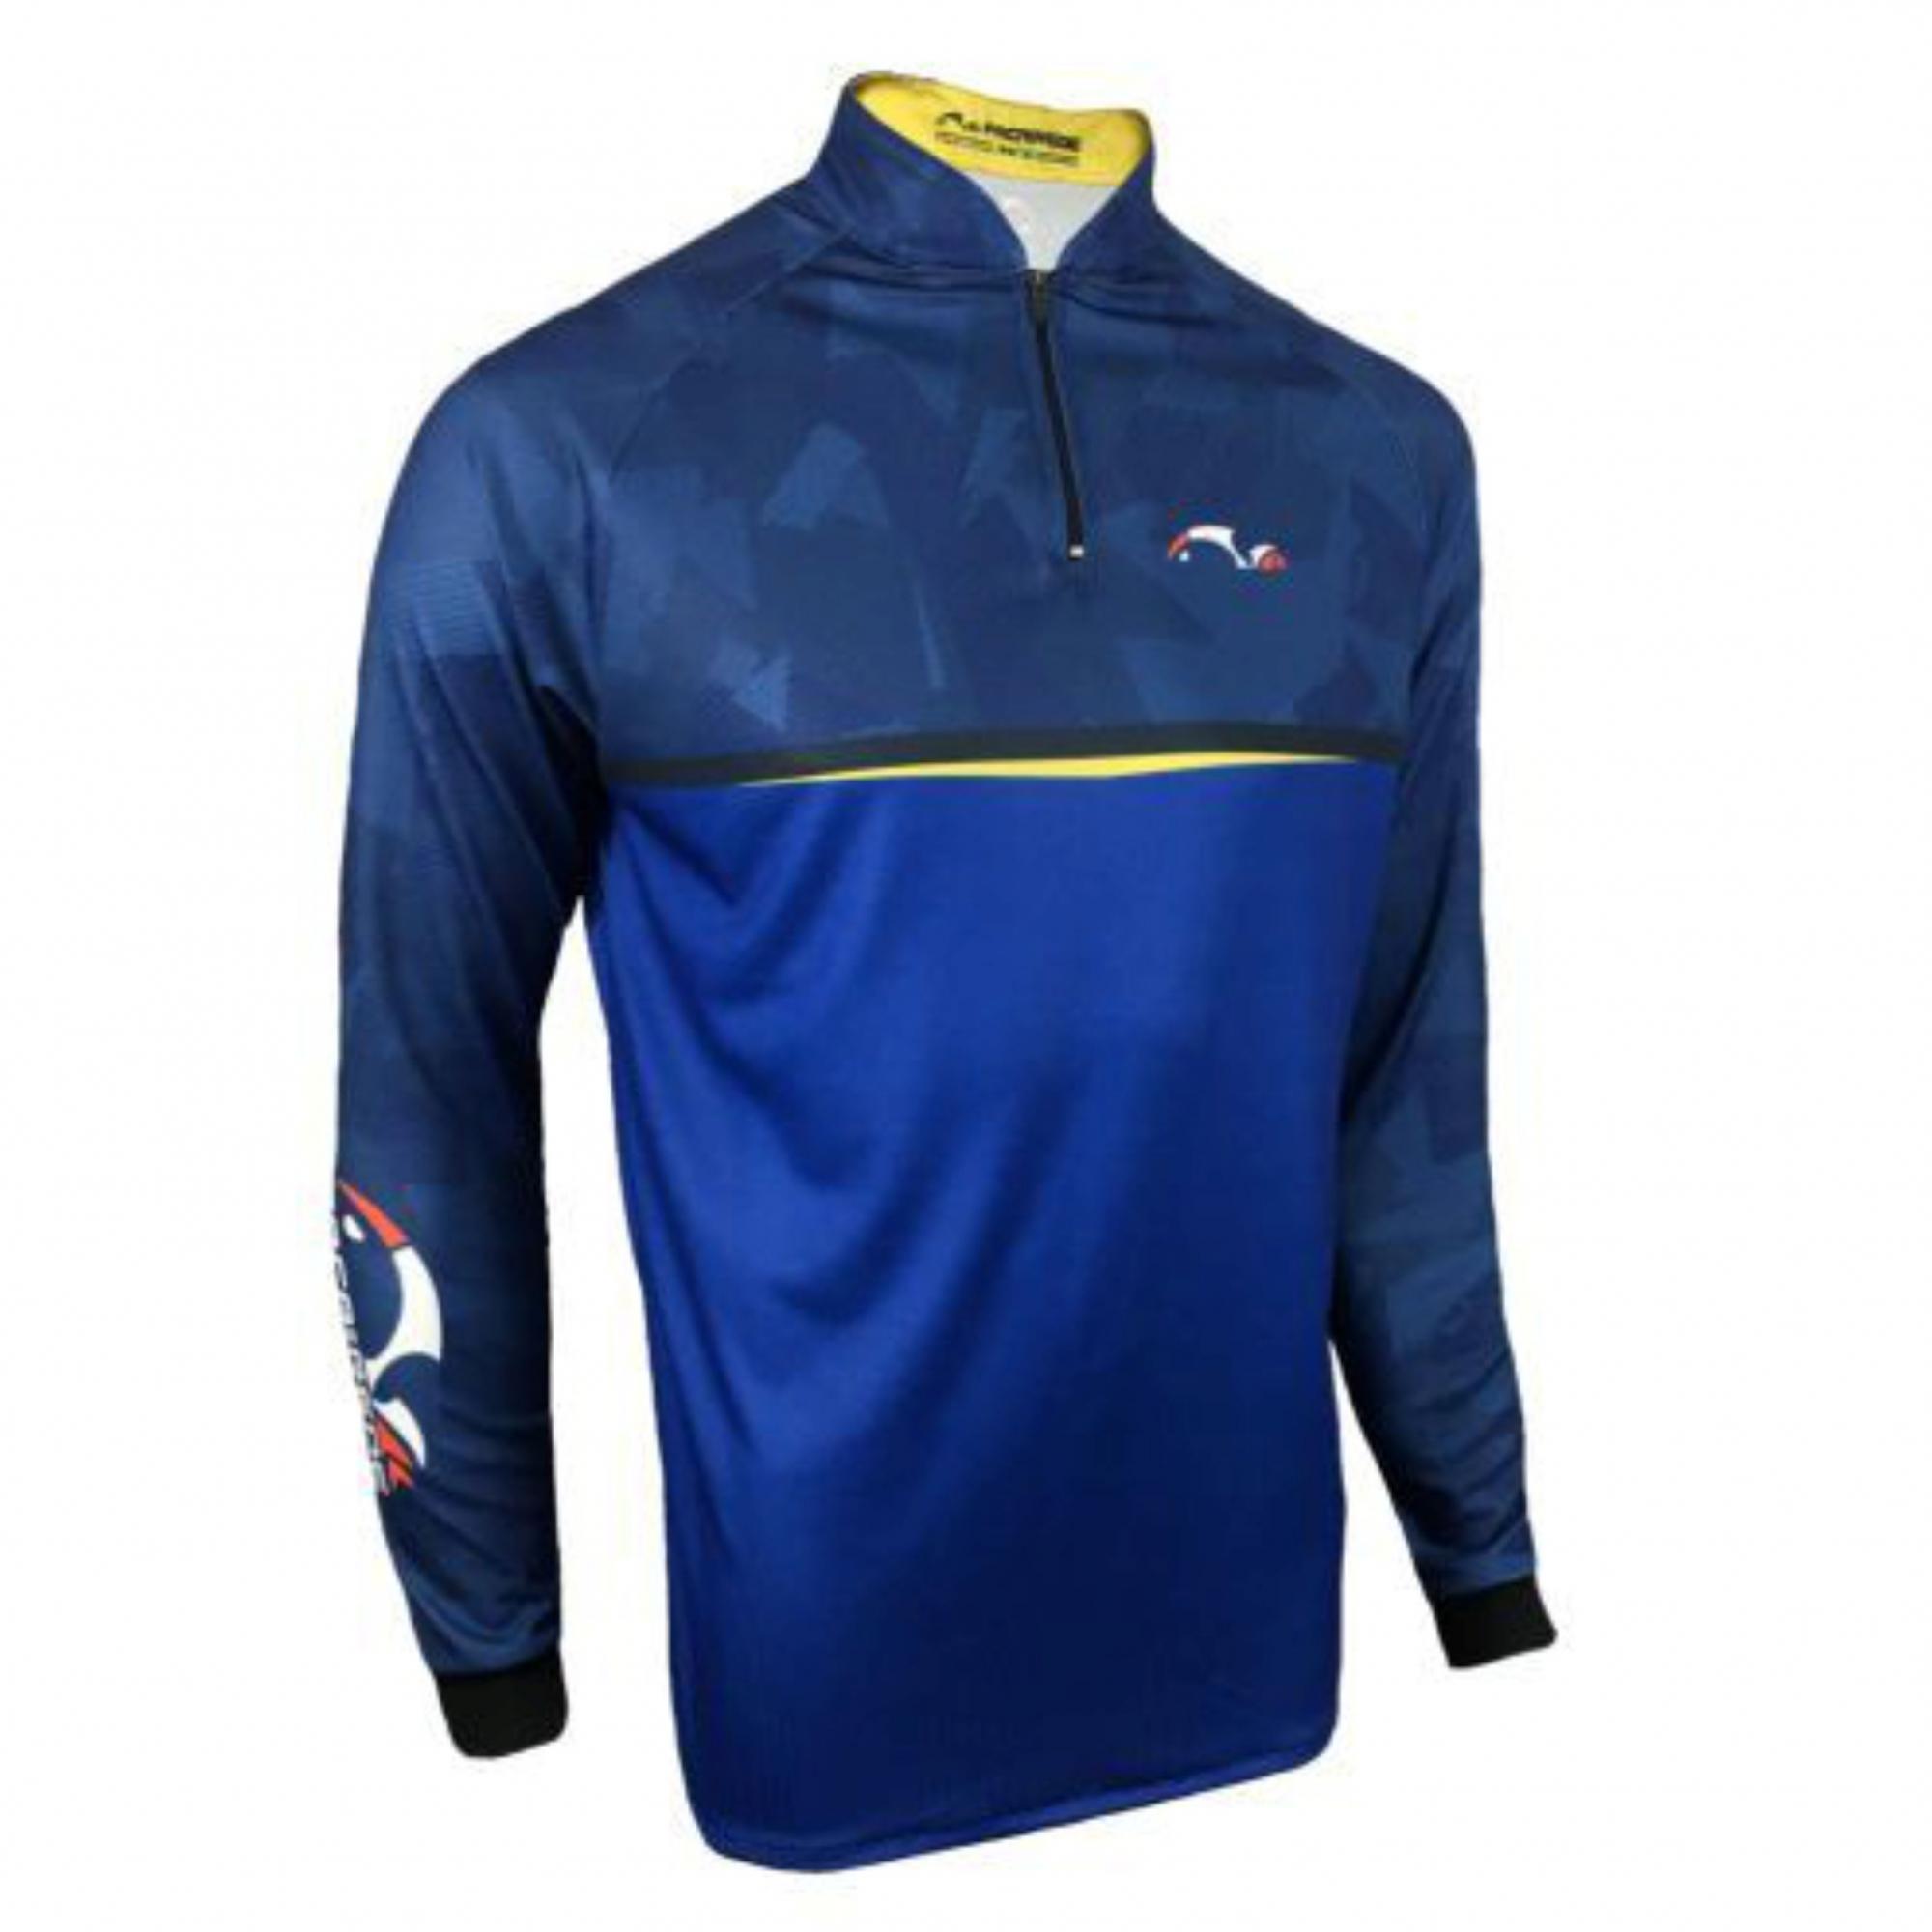 Camiseta Faca na Rede Evo Blue 2020/2021  - Pesca Adventure